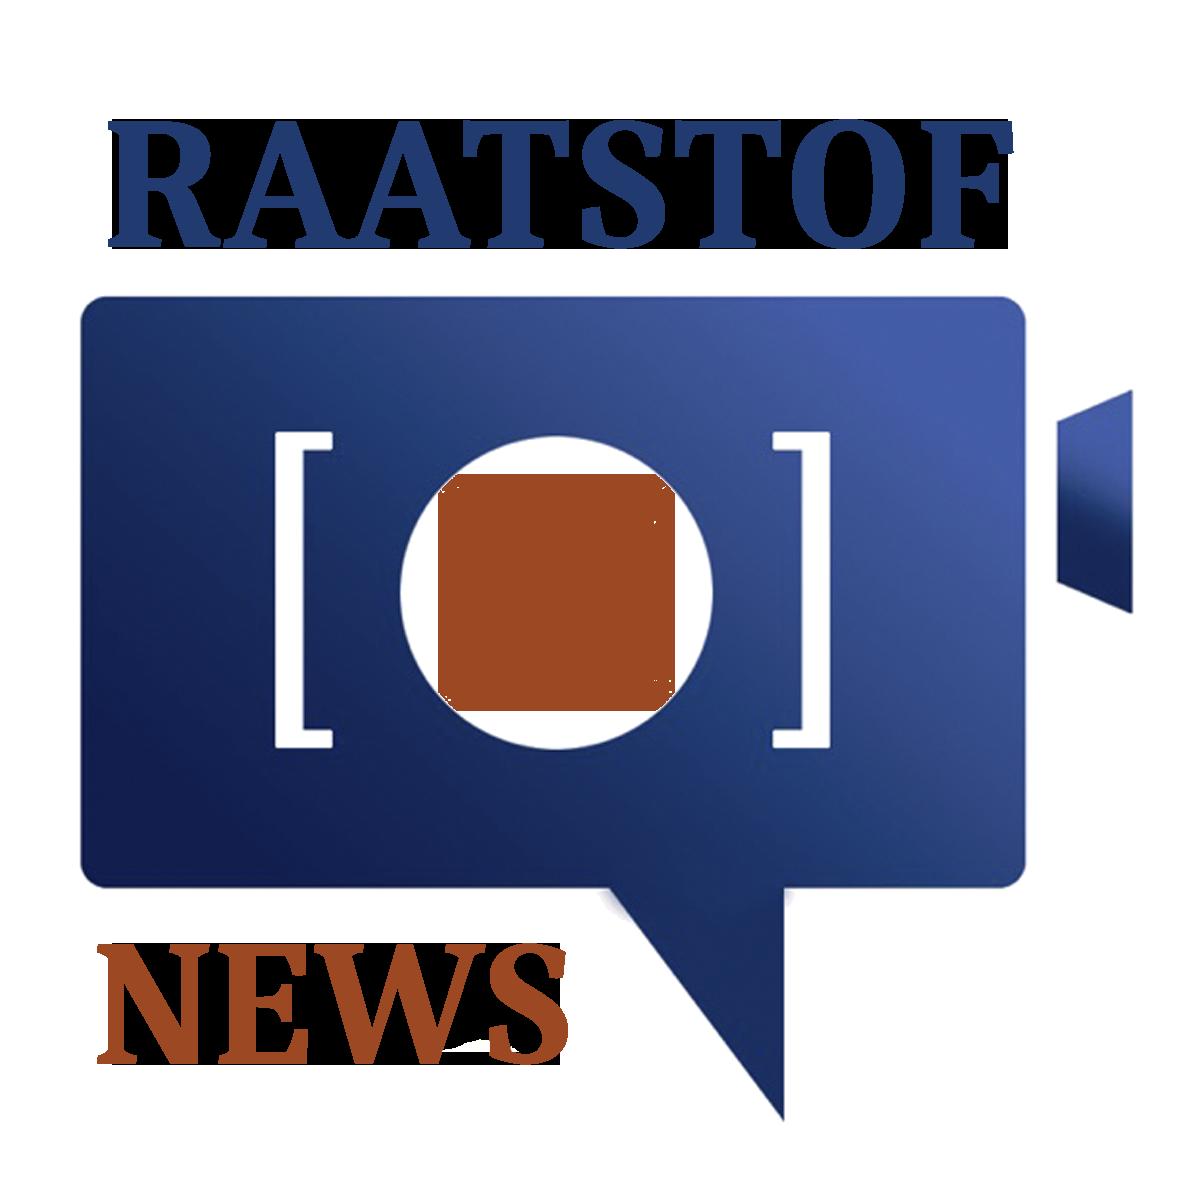 Raatstof News 1. april 2021